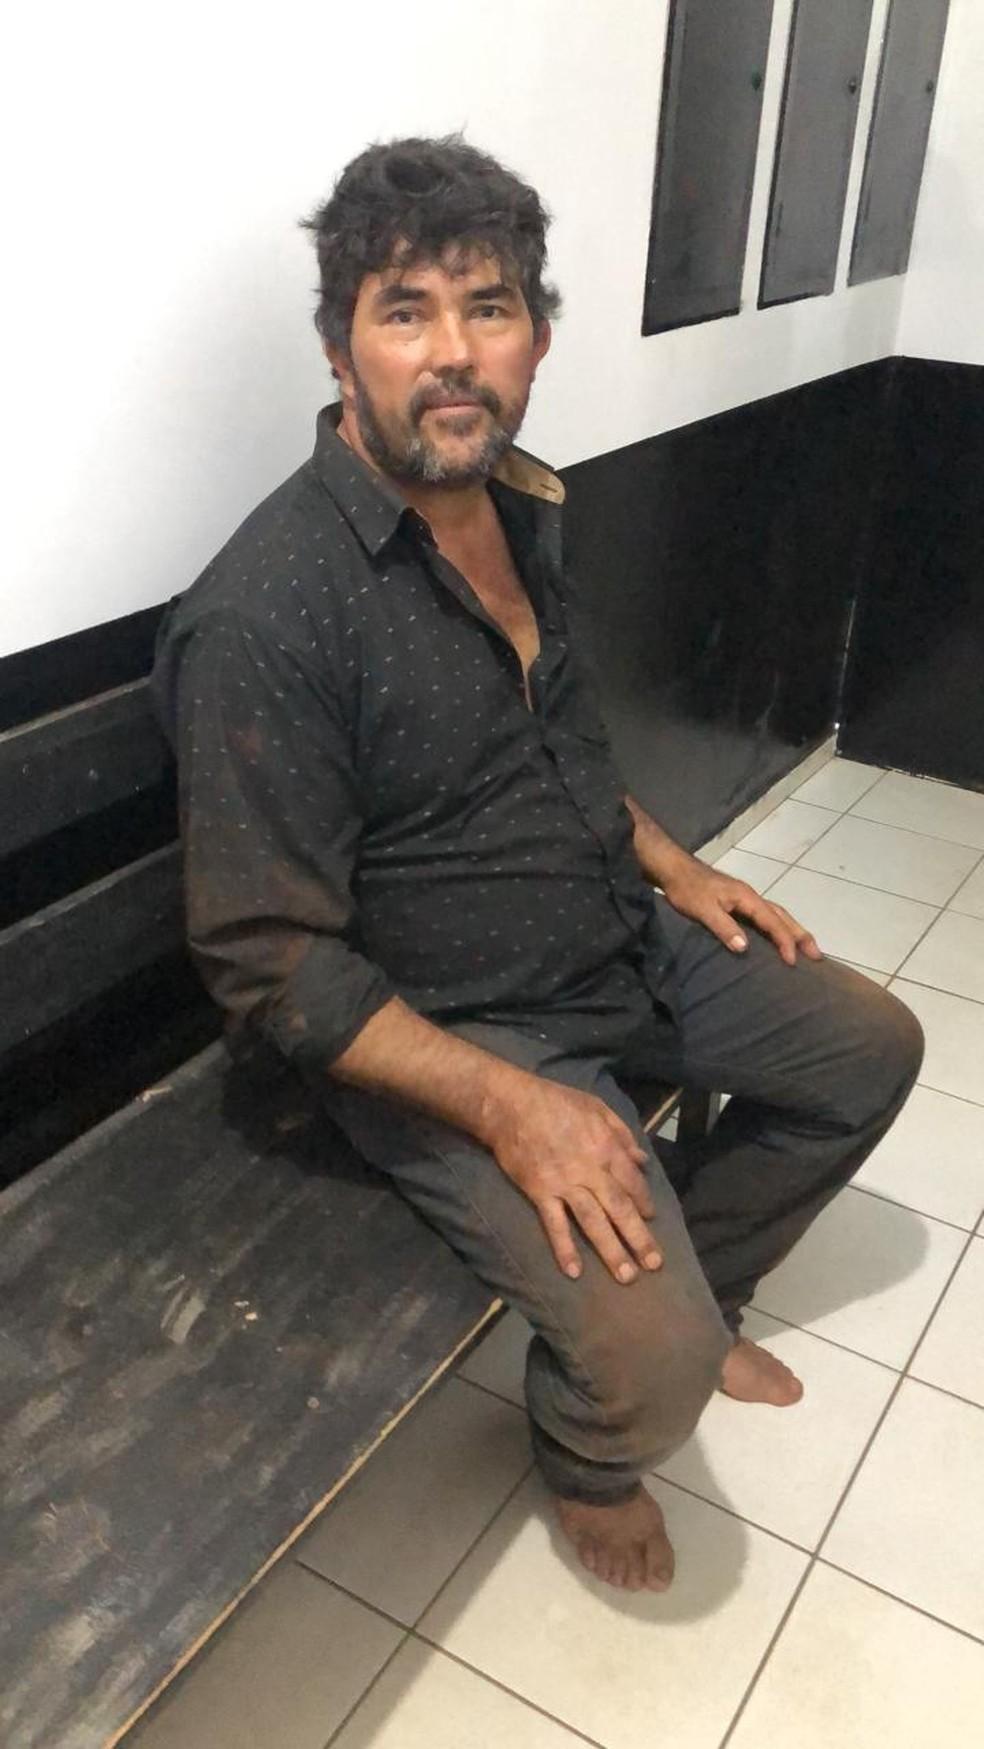 Capataz foragido se entregou à polícia de MS nessa quinta-feira (12) — Foto: Sejusp/Divulgação